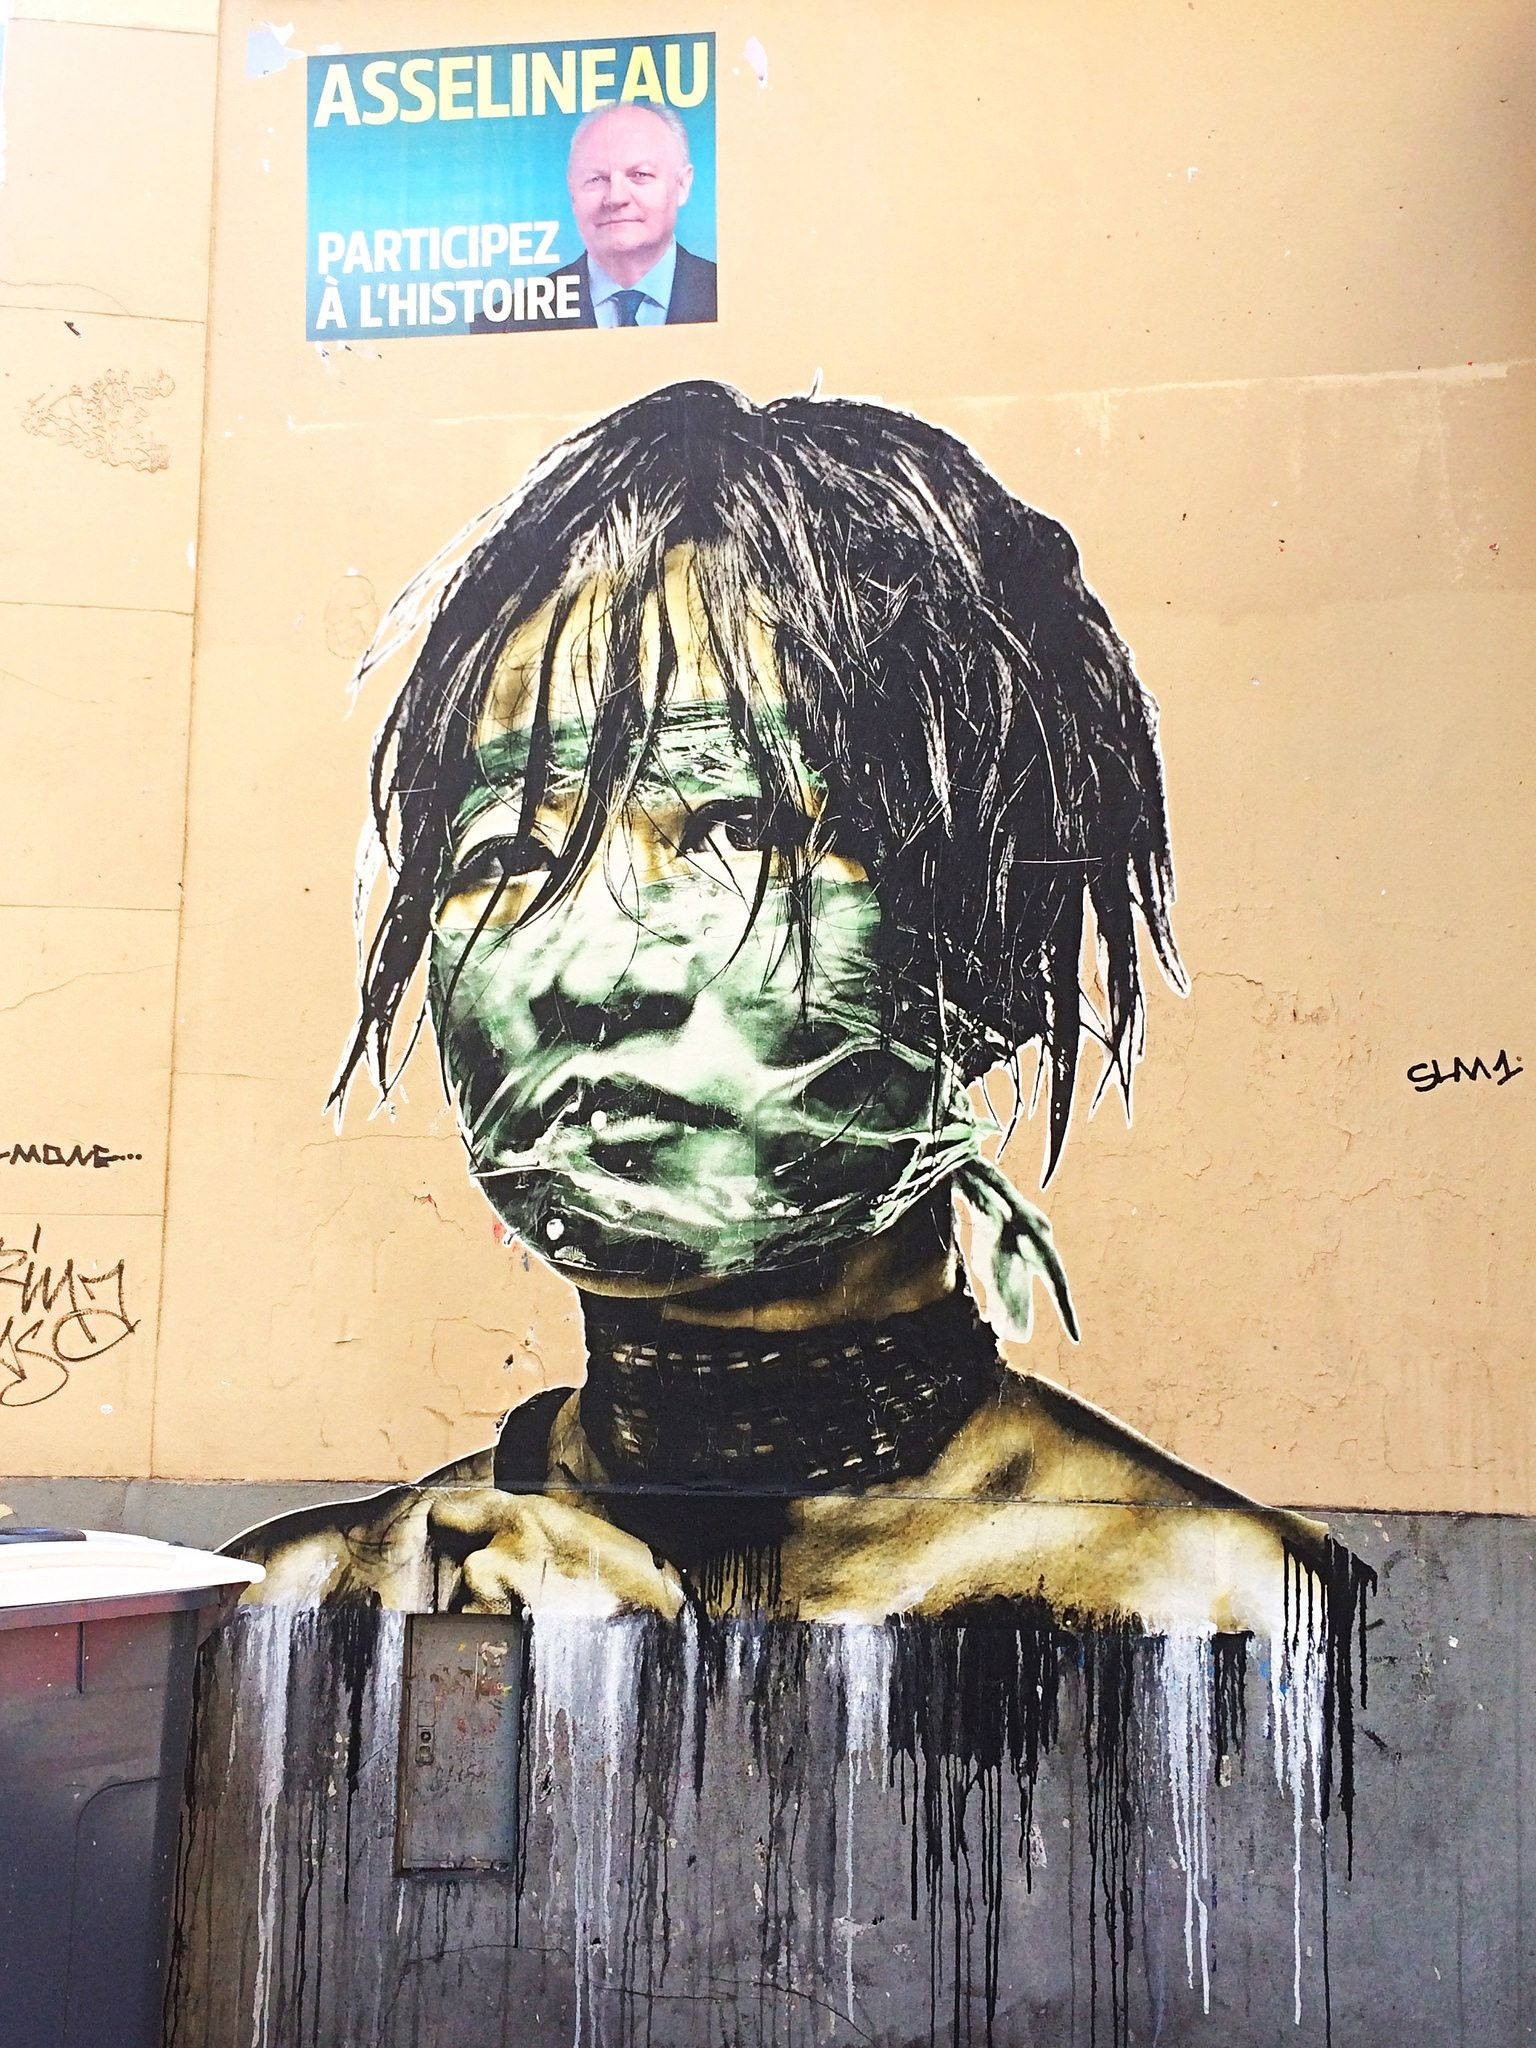 Bonne Nouvelle - Eddie Colla | Street art and Pop art